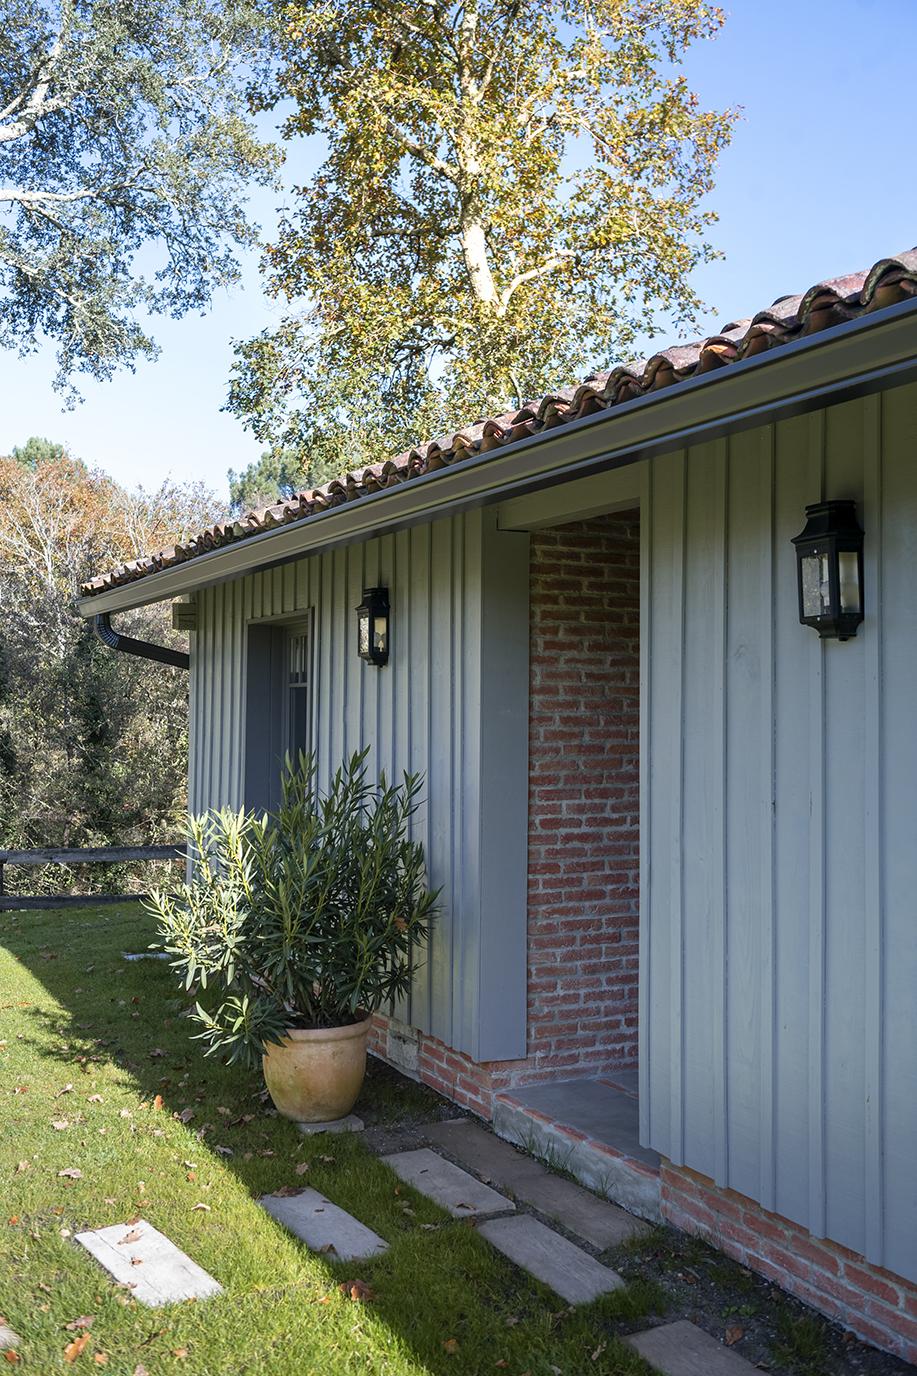 Rénovation_maison landes_lala architectes_contraste_briquettes_bardage